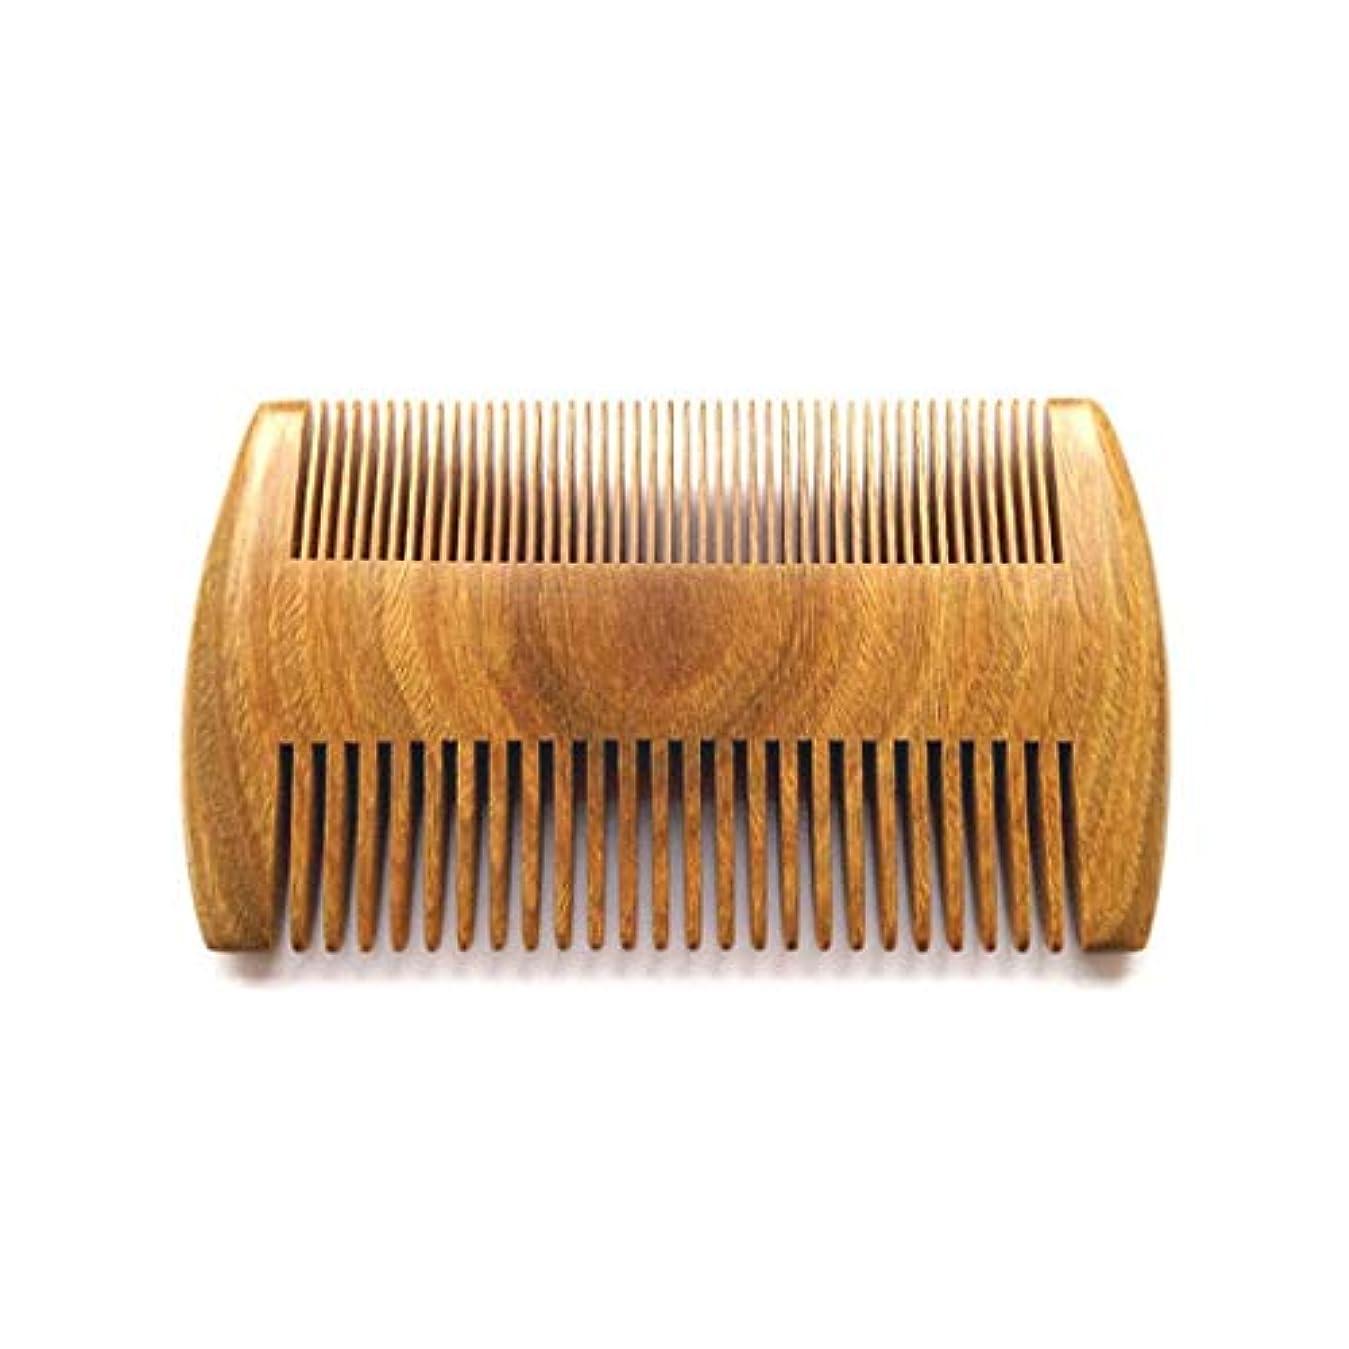 銃床を掃除する垂直WASAIO 手作りのナチュラルサンダルウッド櫛髪の健康なファイン歯とワイドDetangleコムズメンズ?レディース?ブラシセットパドル (色 : Wood color)